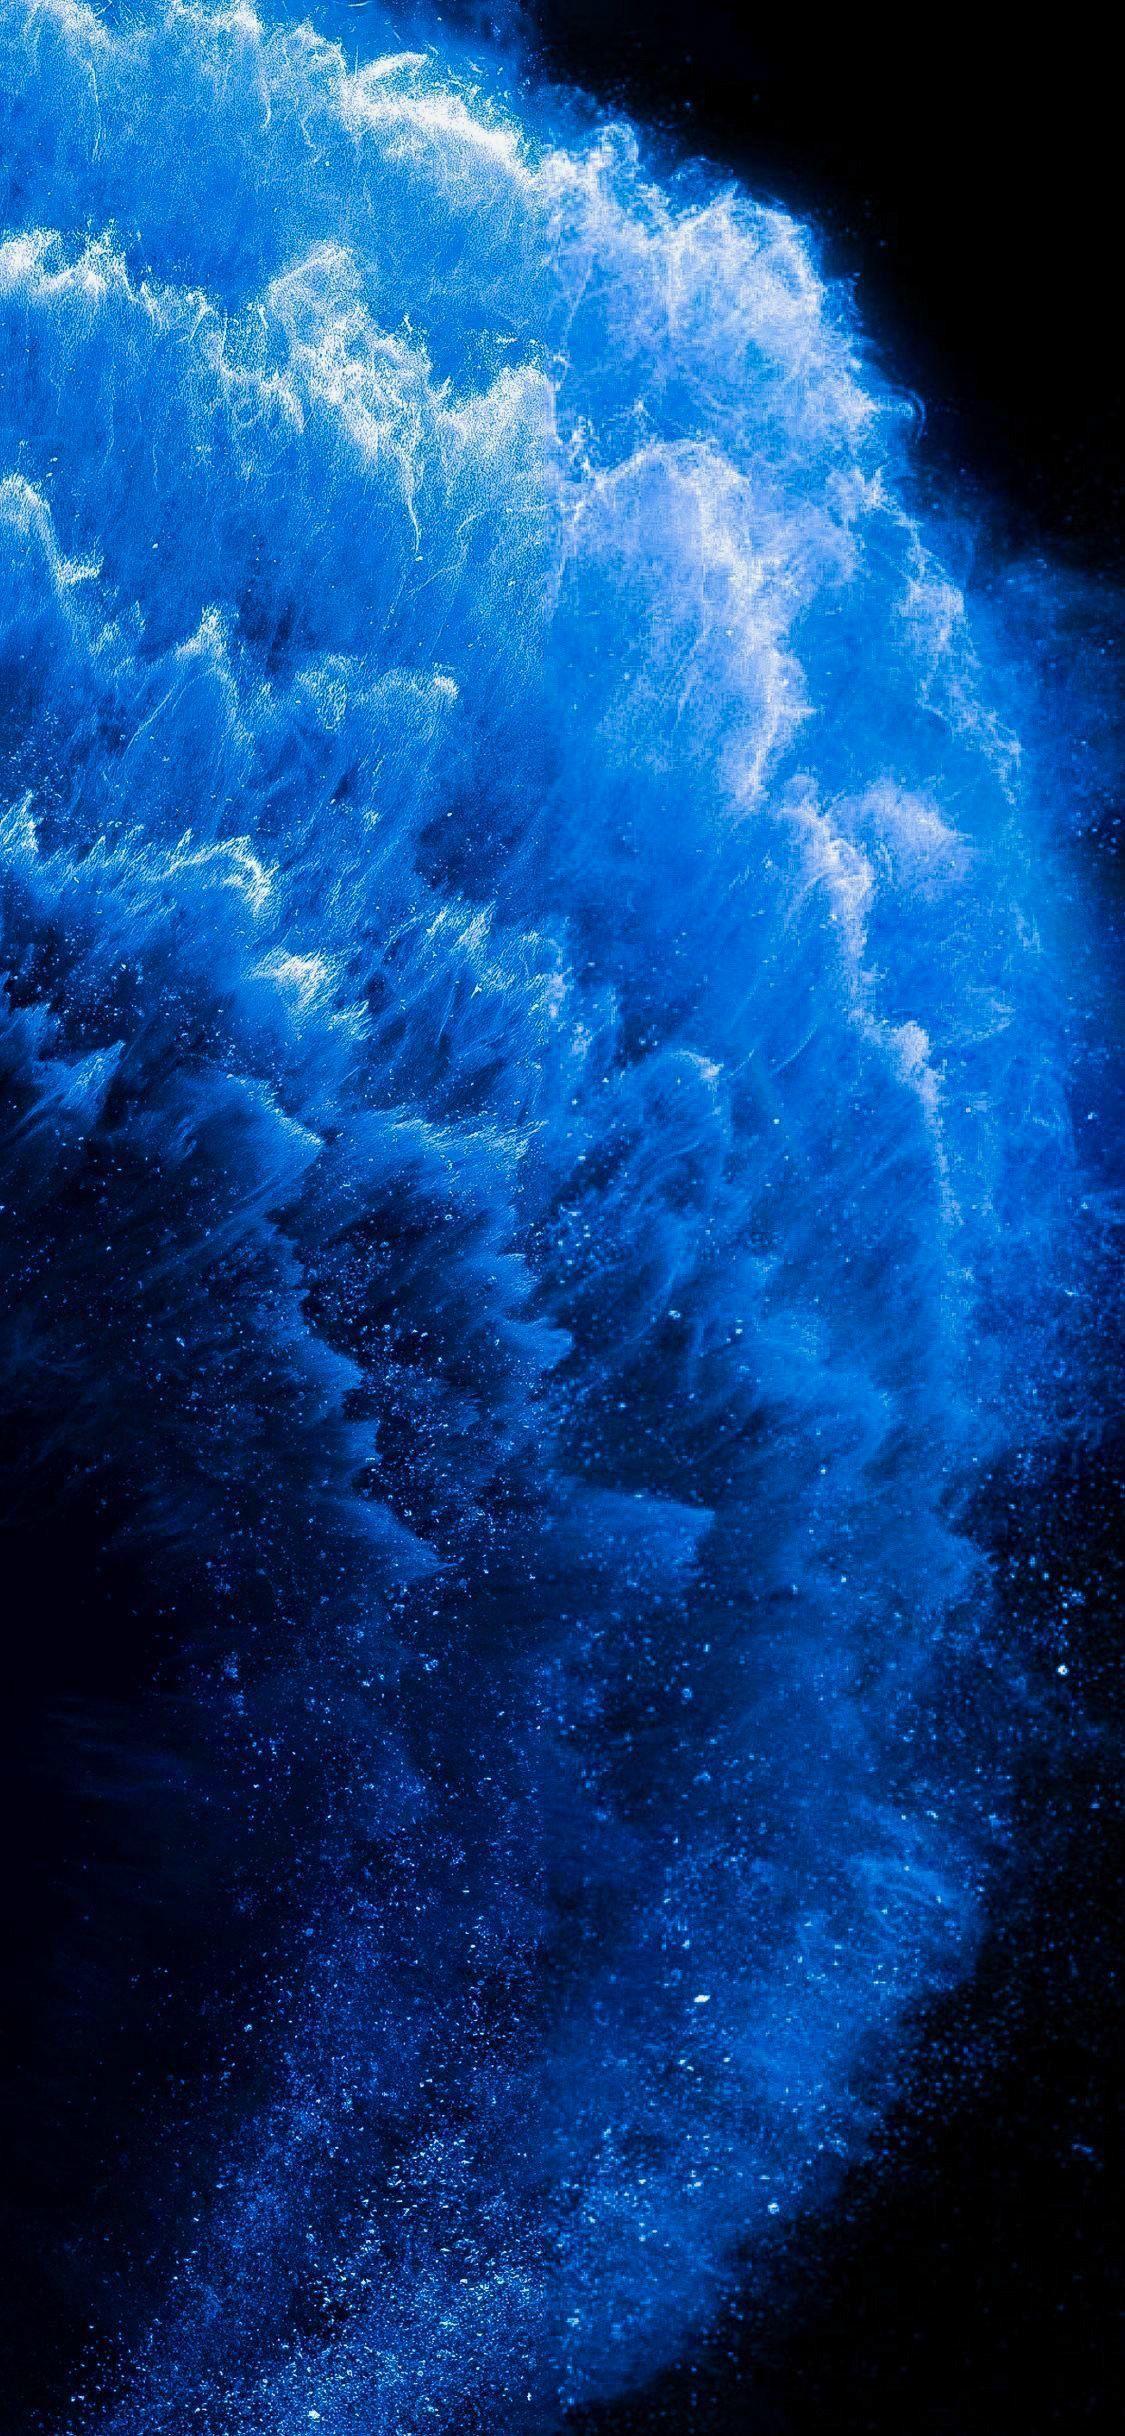 iPhone X Wallpaper Sevimli duvar kağıtları, Mavi duvar